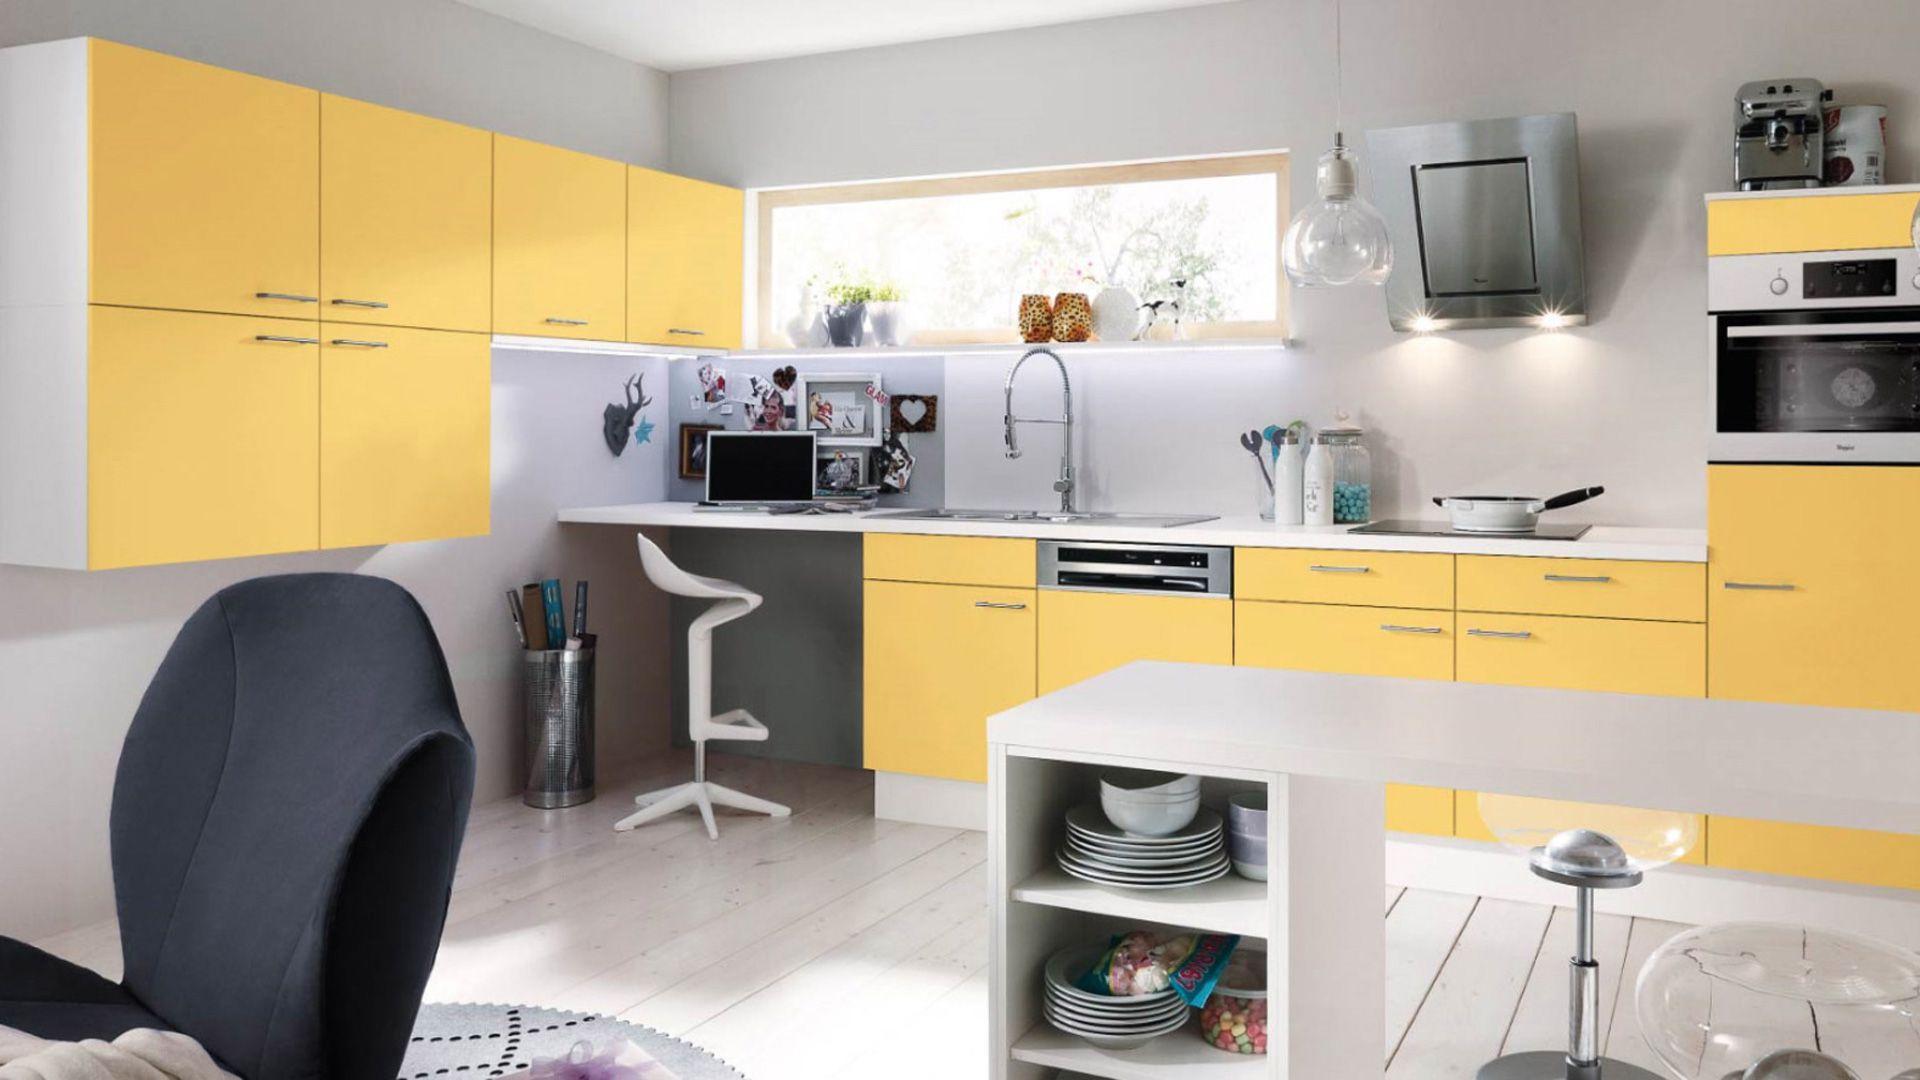 Full Size of Küche Planen Tipps Und Ideen Outdoor Küche Planen Küche Planen Nürnberg Download Küche Planen Kostenlos Küche Küche Planen